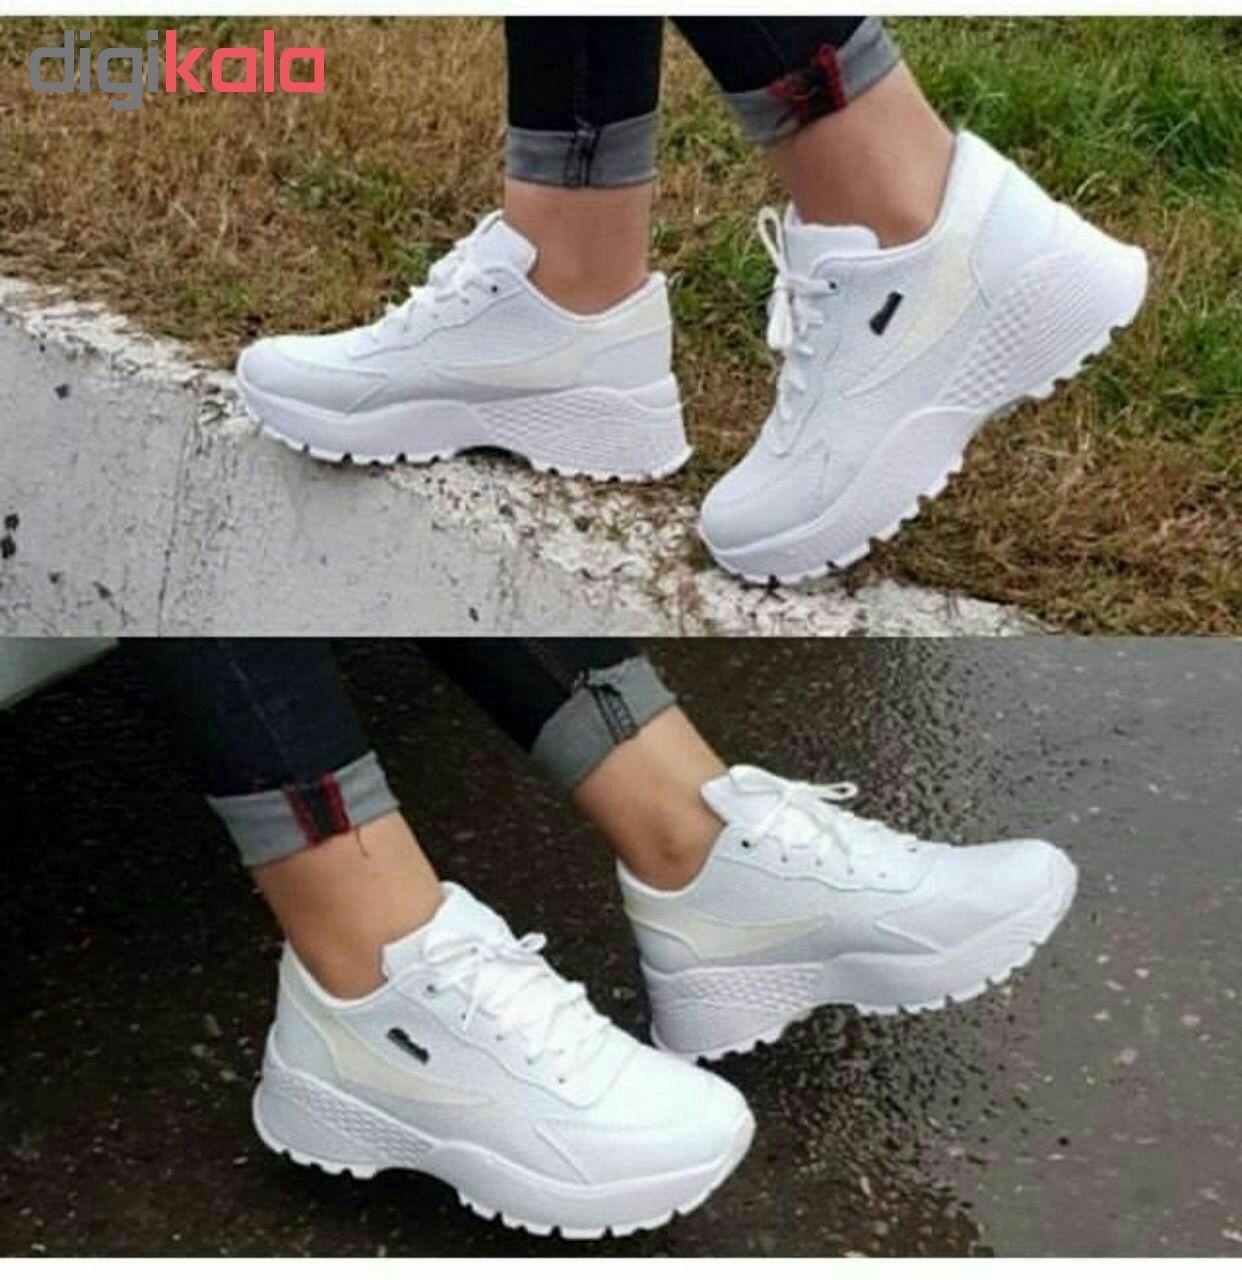 کفش مخصوص پیاده روی زنانه مدل کلاسیک کد 02 main 1 3